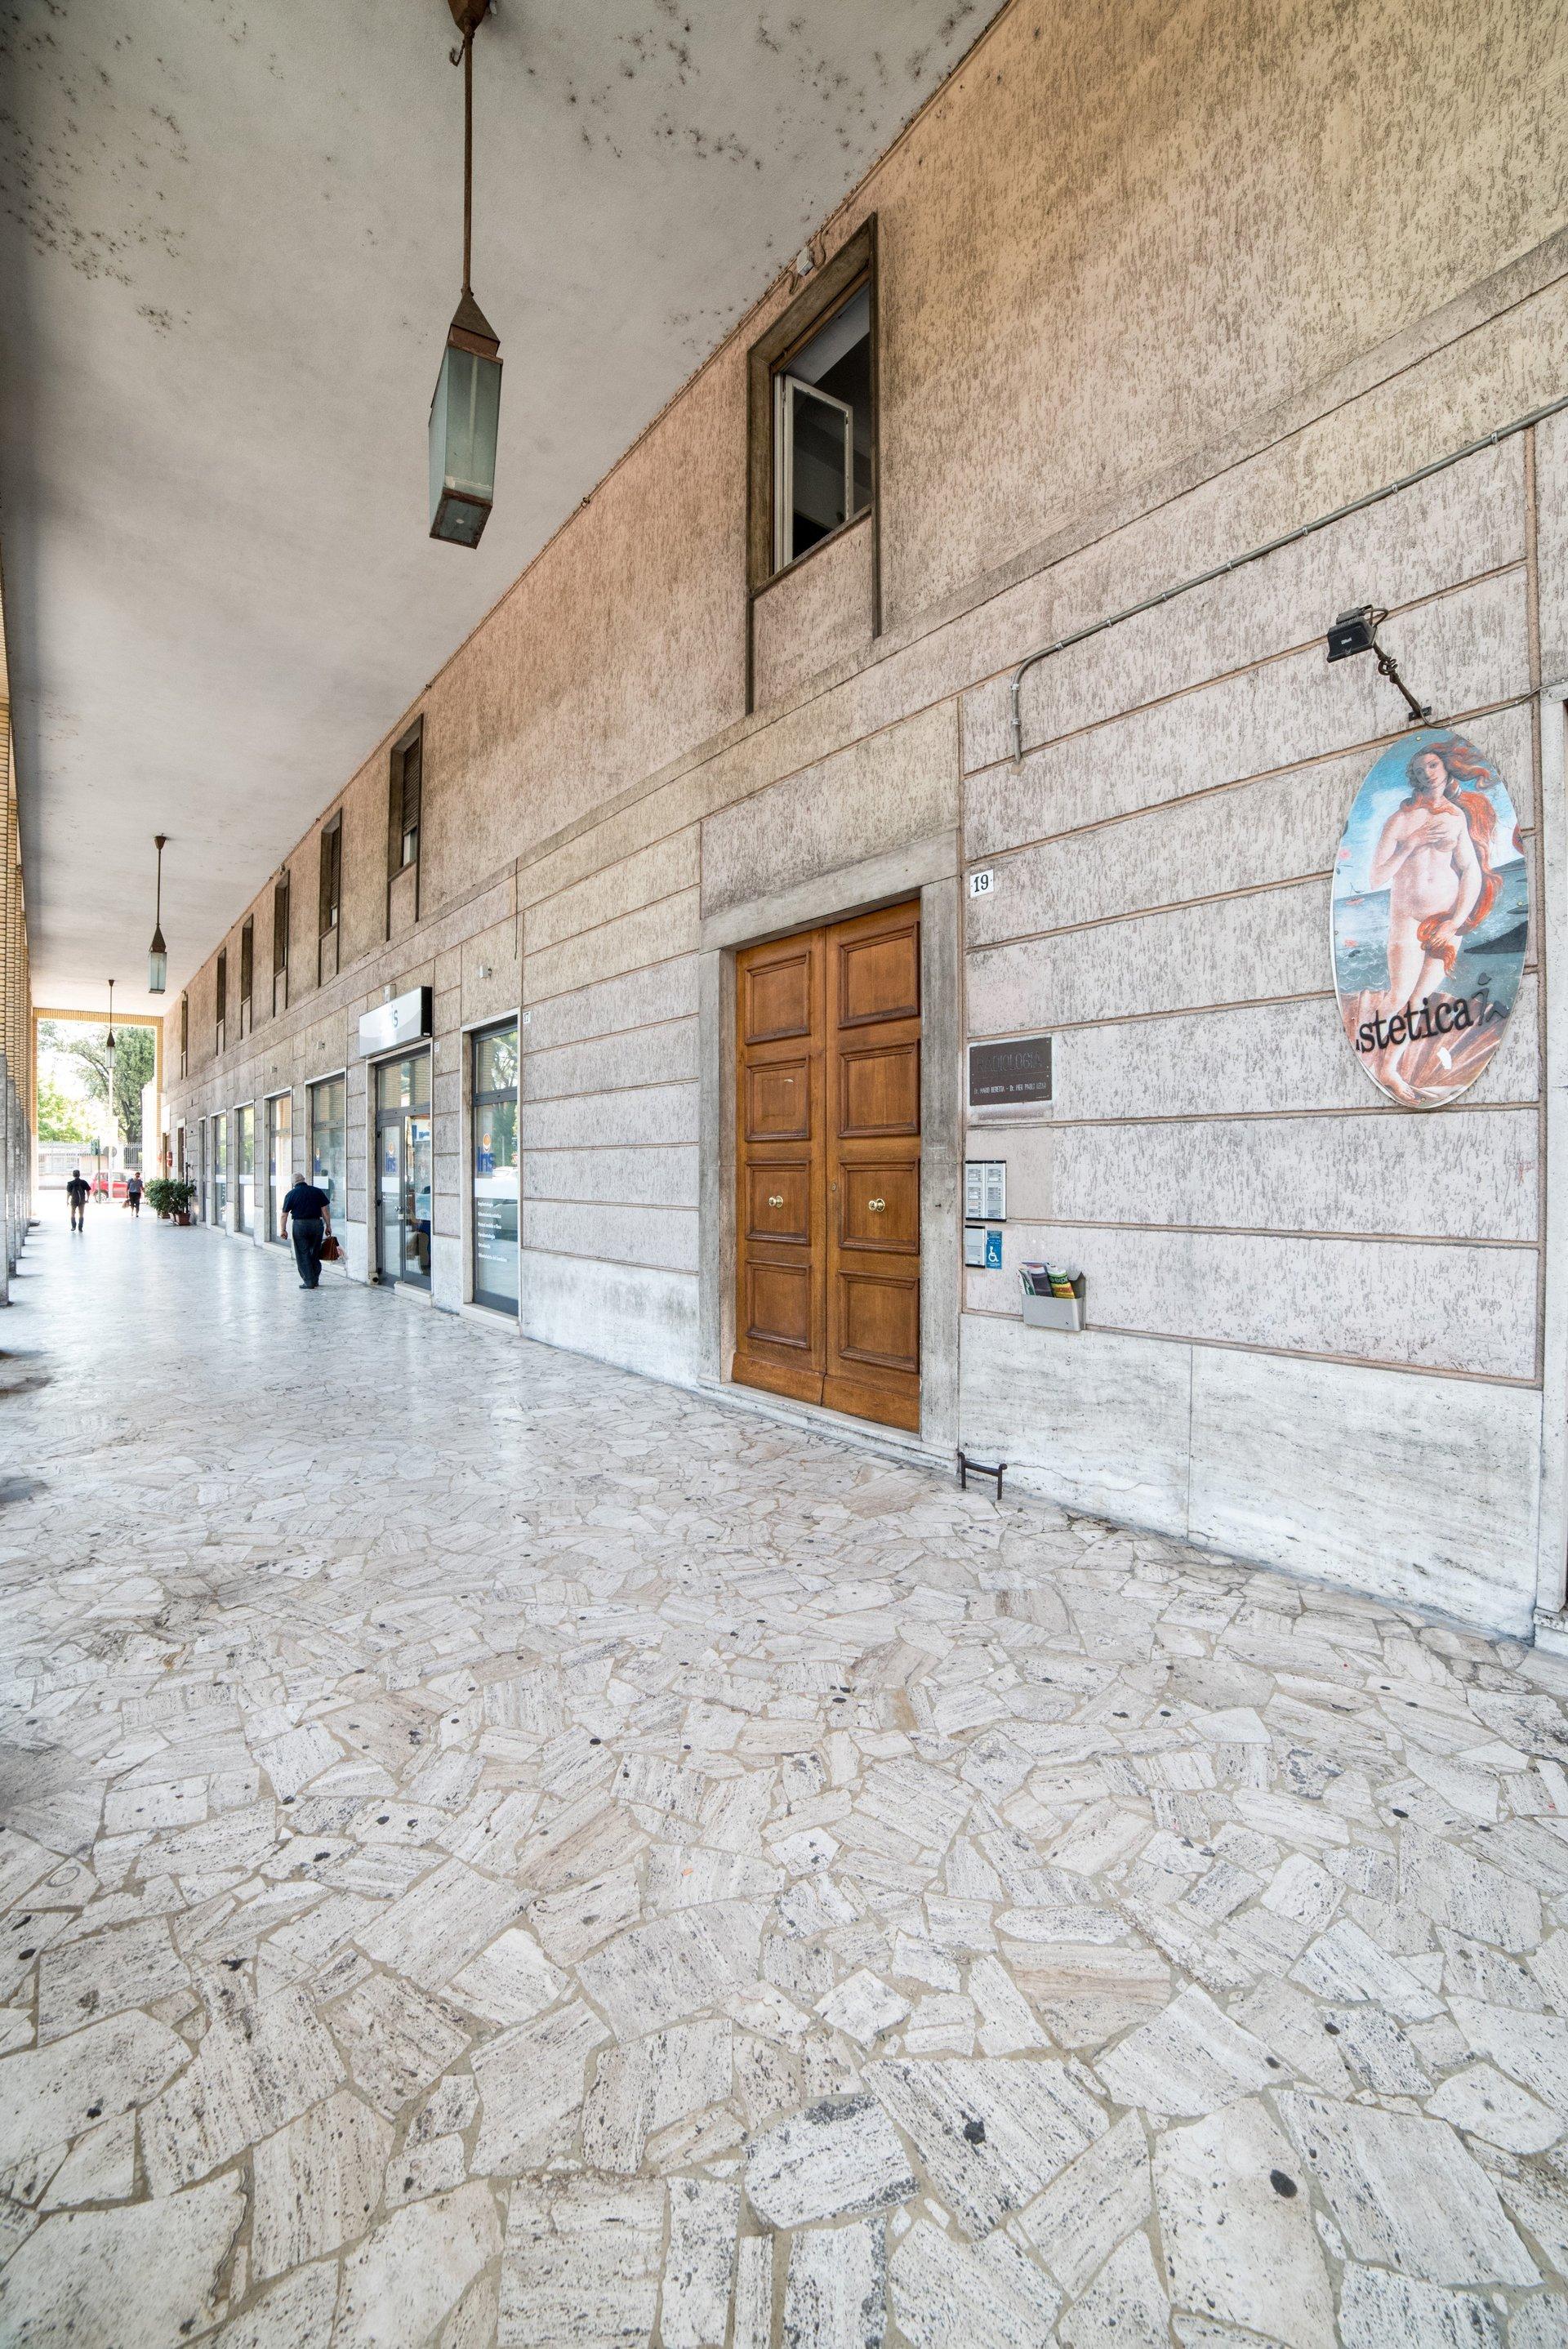 istituto radiologico beretta - ingresso studio medico